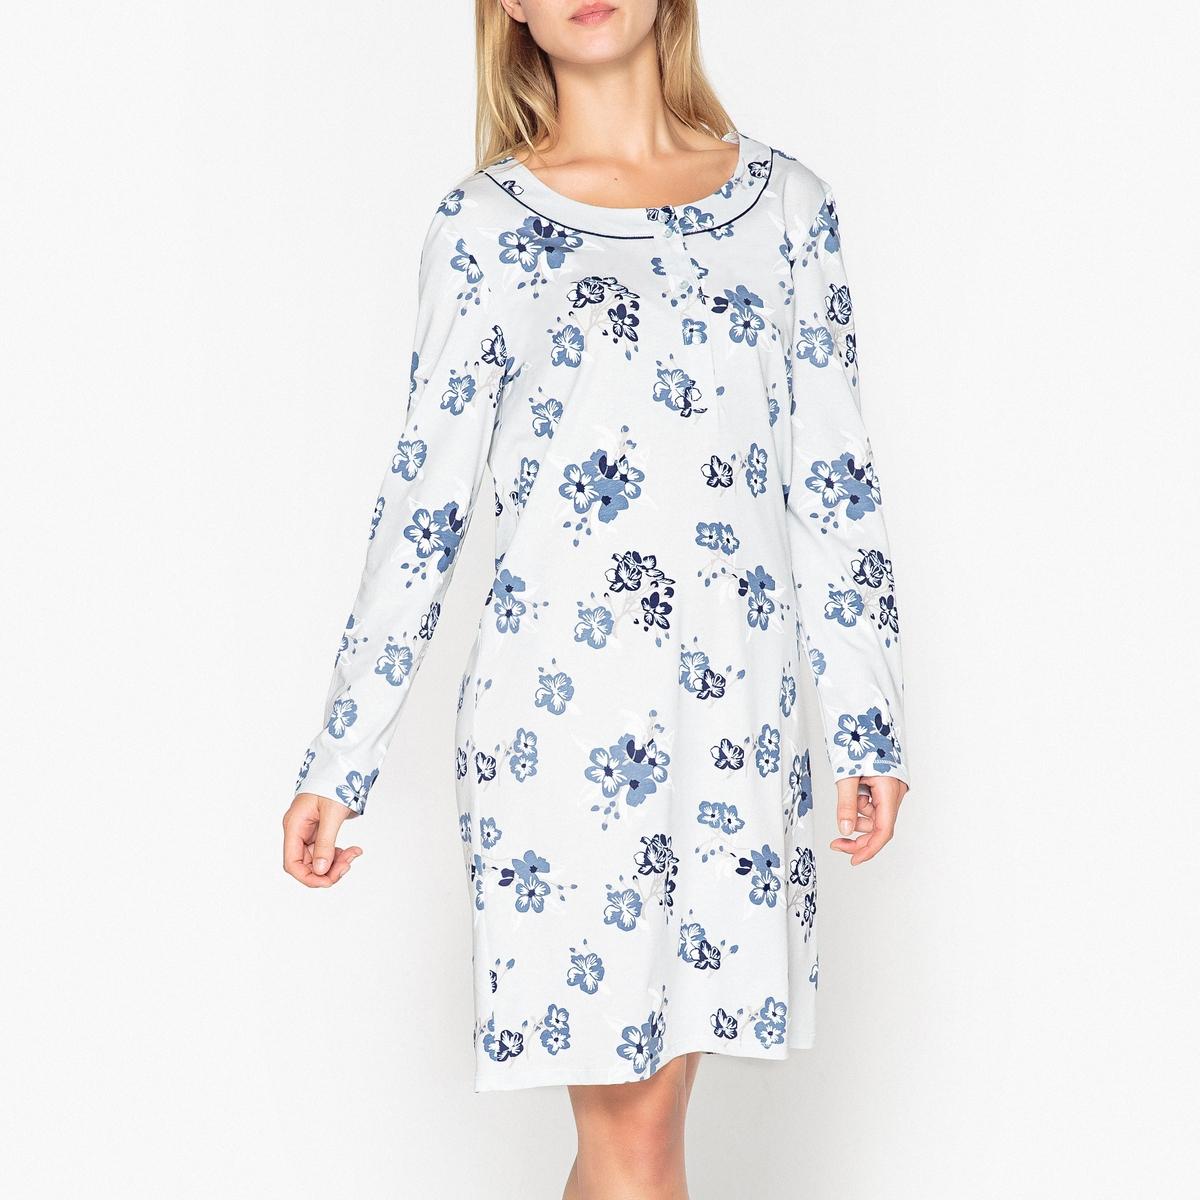 Bawełniana, wzorzysta koszula nocna